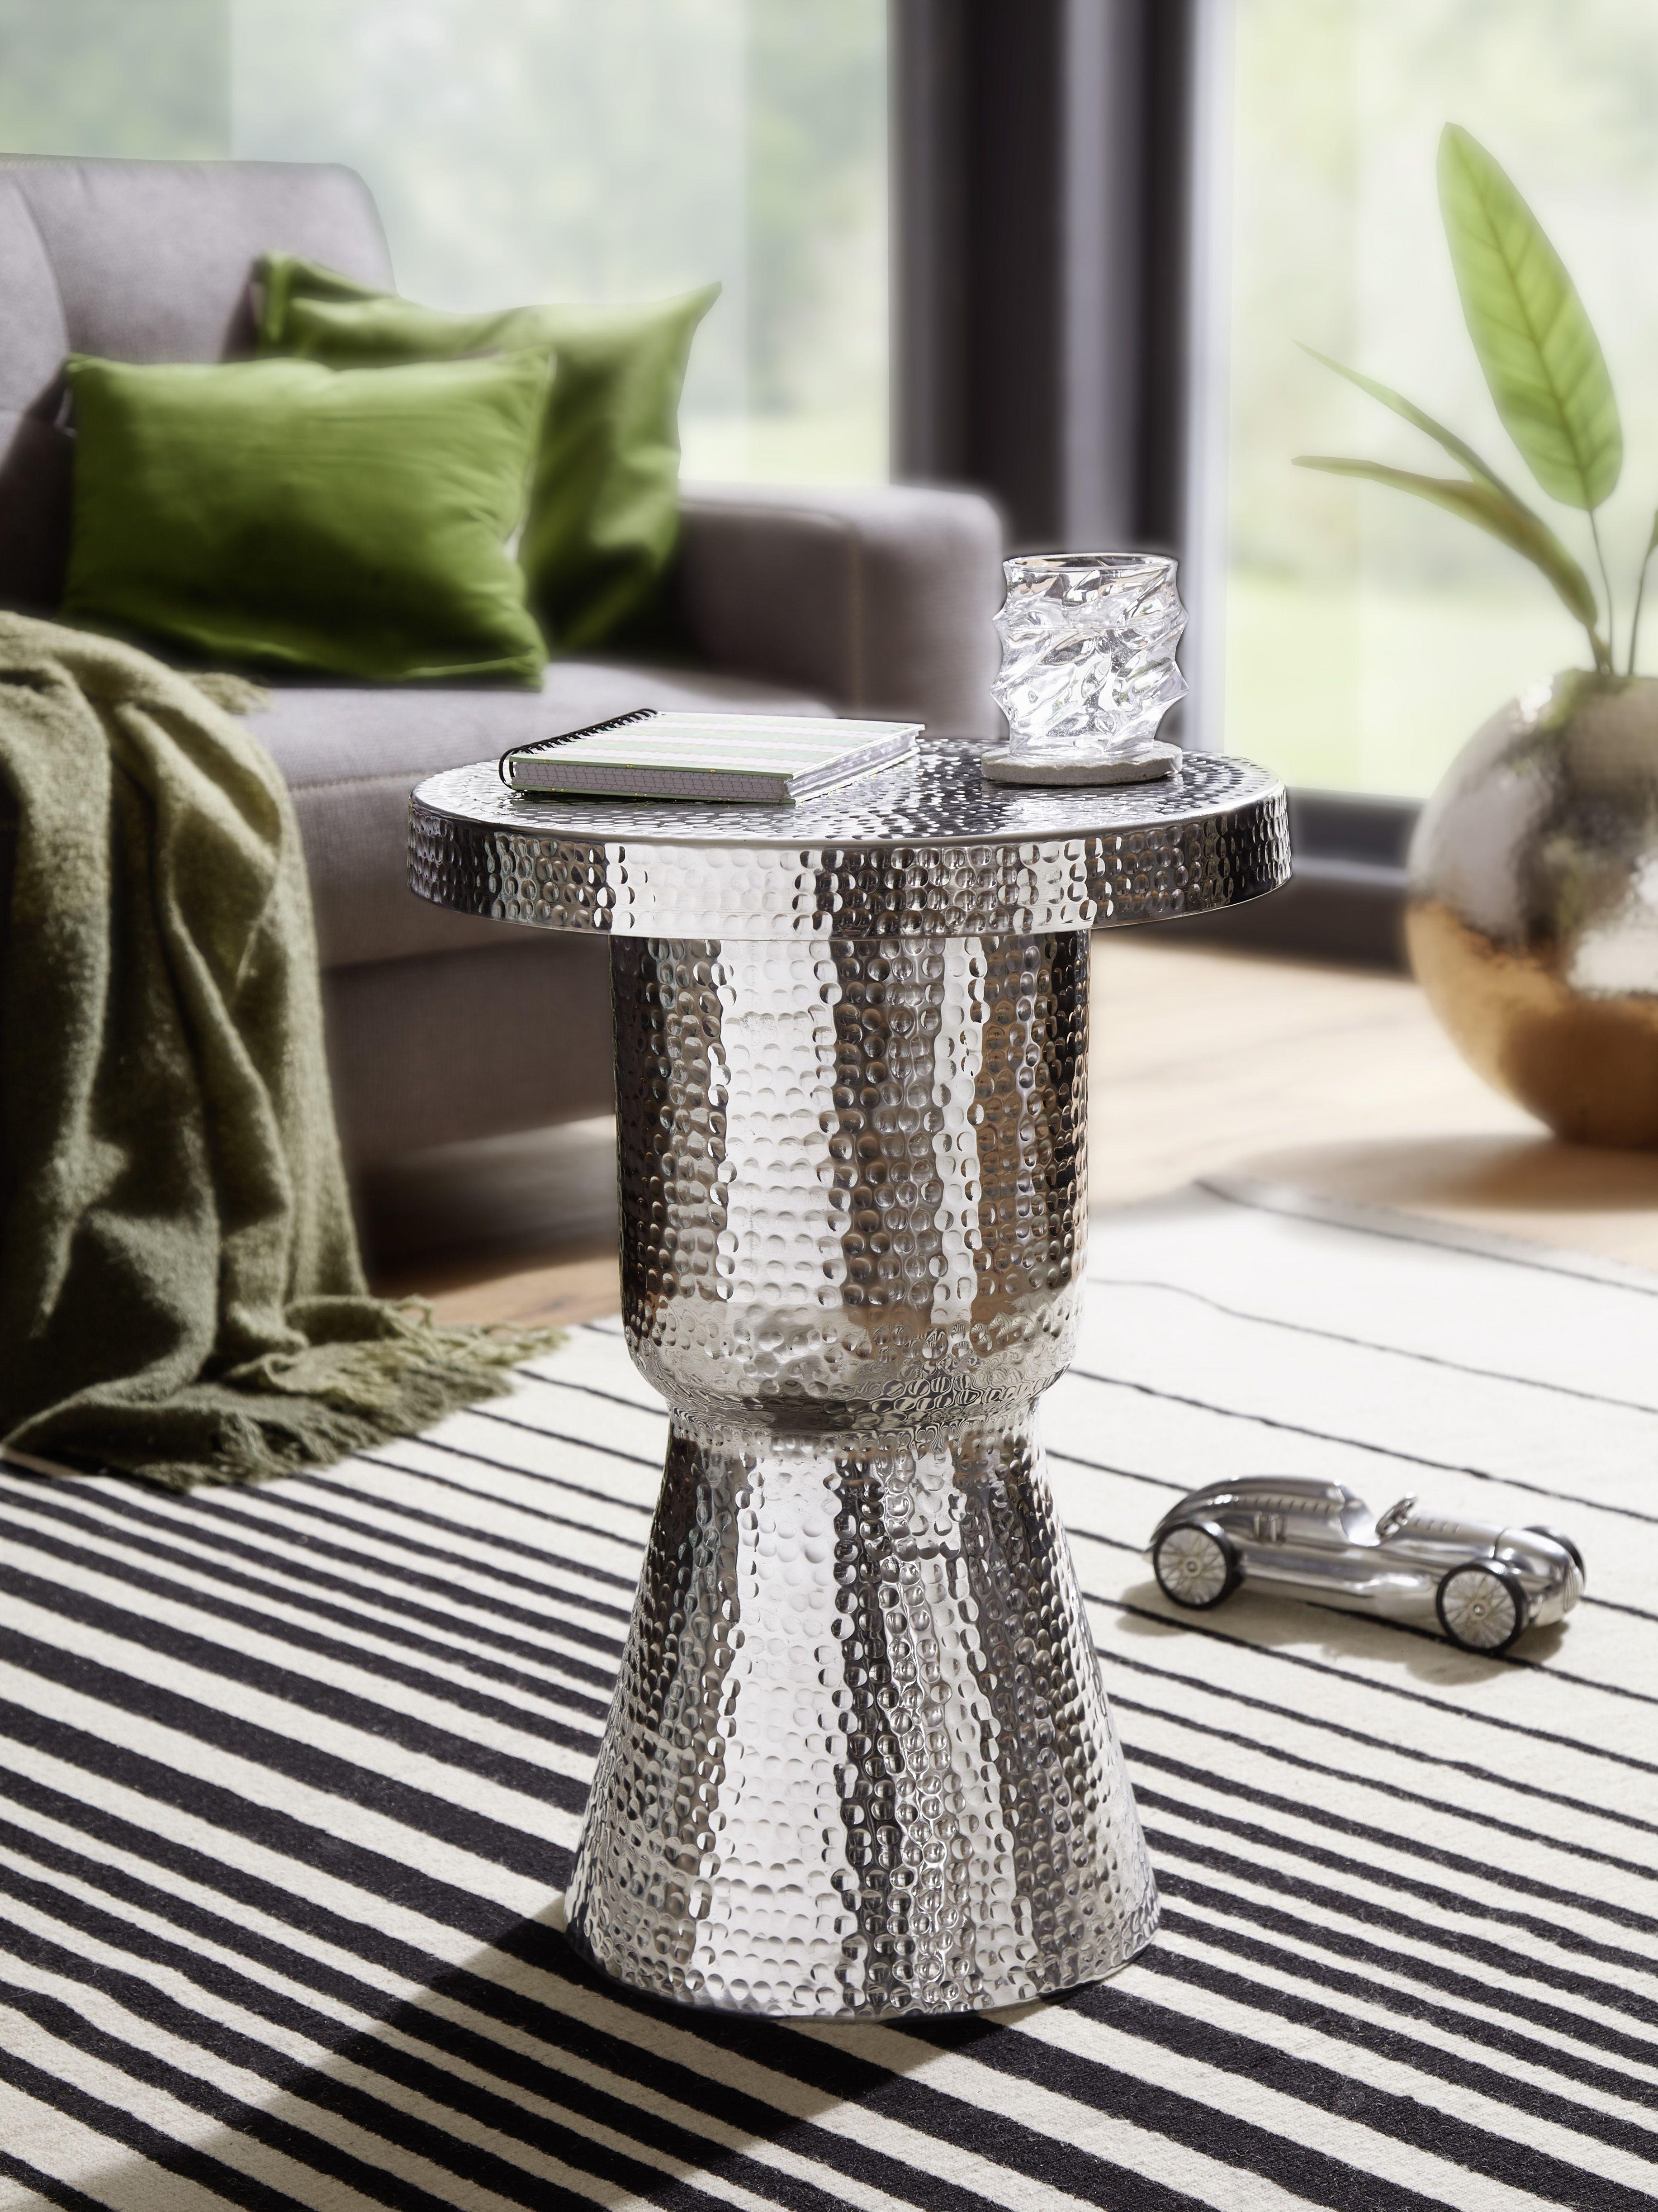 Wohnling Beistelltisch Delyla Silber Wl5 478 Aus Aluminium Silber Metall Wohnidee Dekoration Ablage Wohnen Vasenform Mit Bildern Beistelltisch Aluminium Silber